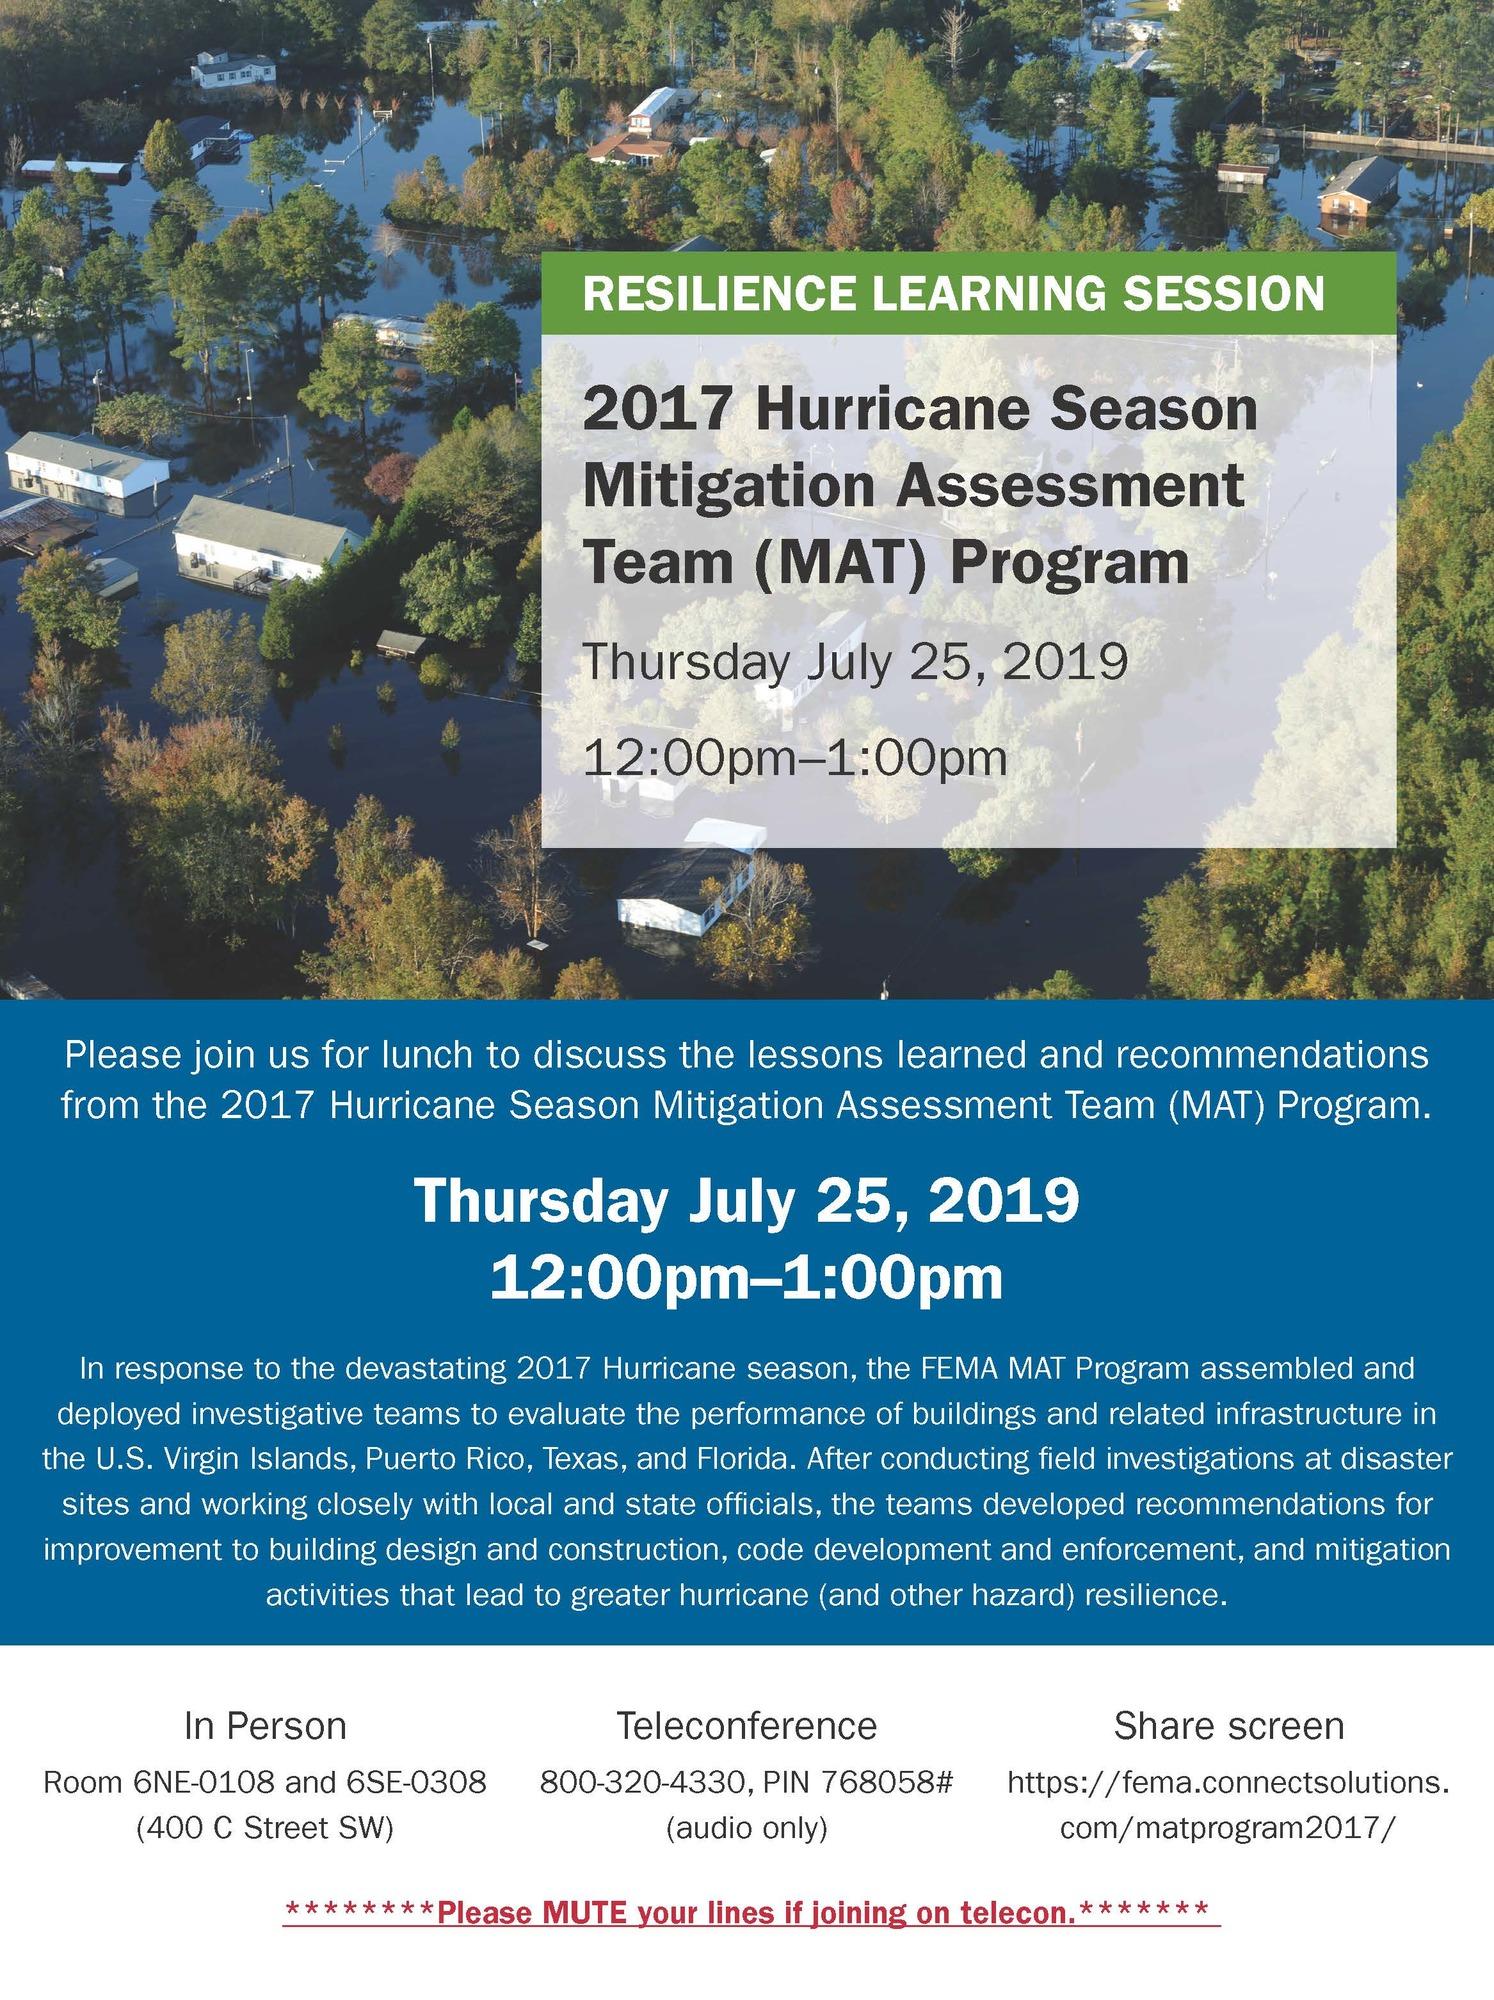 Resilience Learning Session: 2017 Hurricane Season Mitigation Assessment Team (MAT) Program